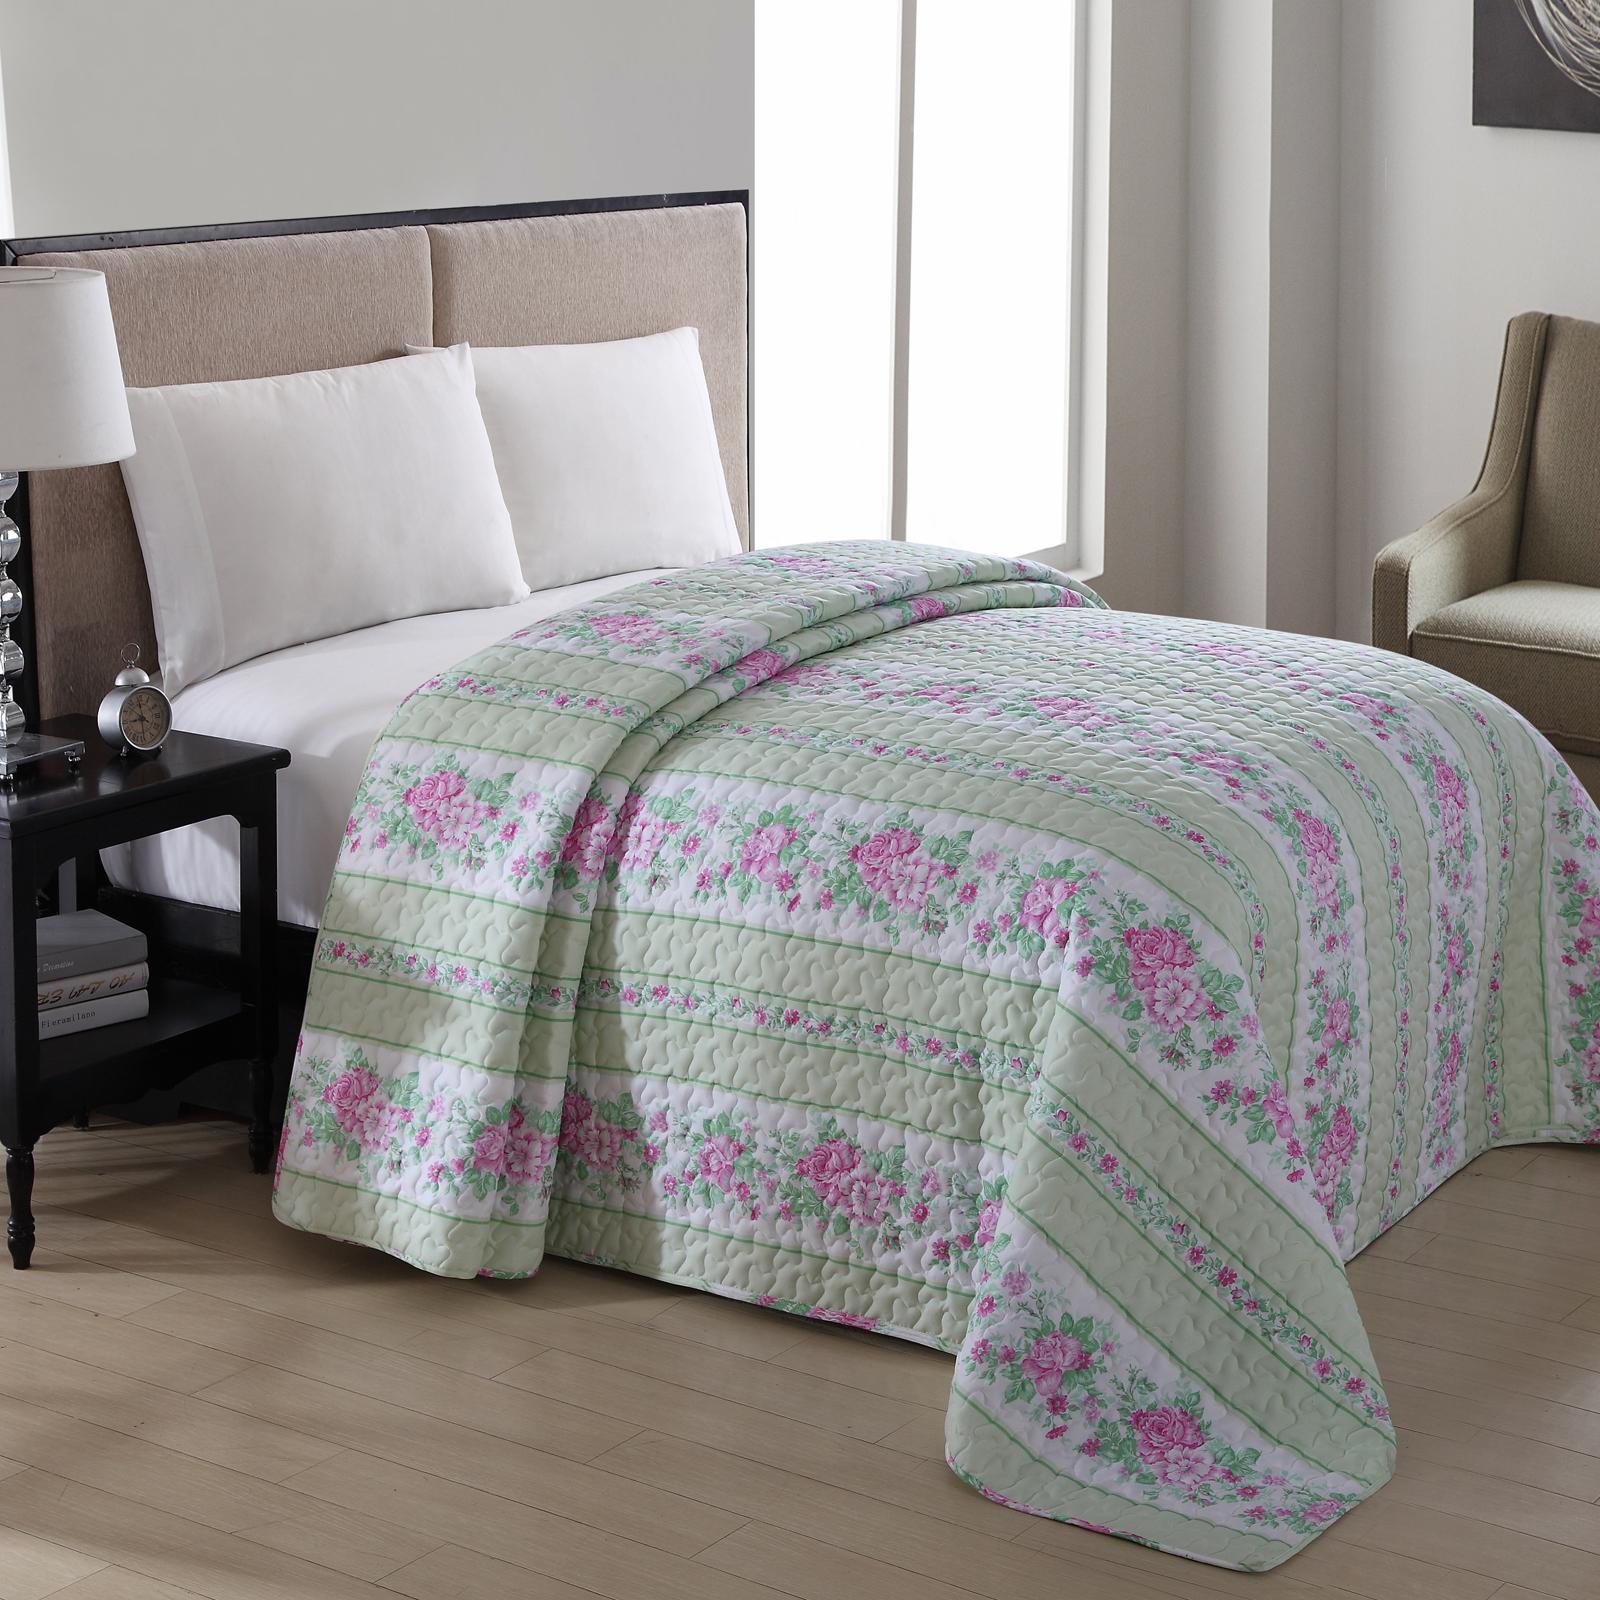 bedspreads sears